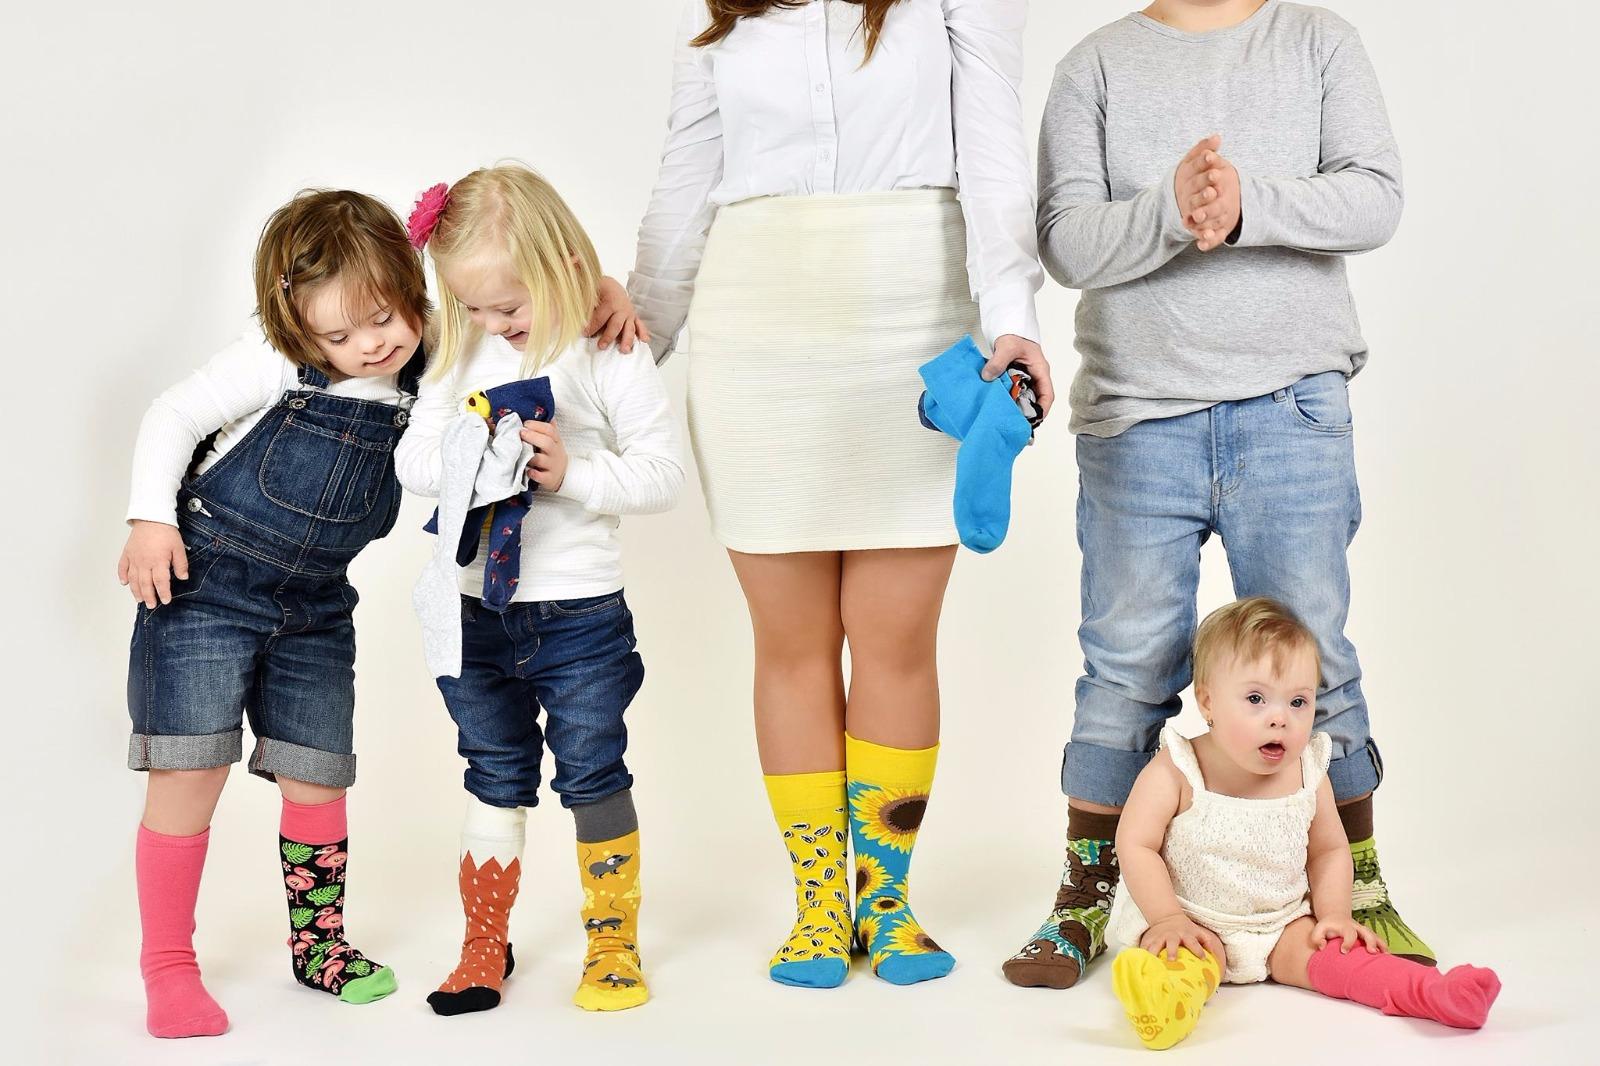 Kúp si veselé ponožkya udělej něco dobrého - Dvě různé ponožky má doma asi každý, pokud však chcete být originální a navíc pomoci ještě více, řešení je jednoduché. My, společnost Dedoles, se každoročně snažíme ponožkovou výzvu co nejvíce rozšířit a lidem s Downovým syndromem pomoci všemožnými způsoby.A jedním z našich produktů jsou právě ponožky, které jsou odlišné a zároveň tvoří dokonalý pár.